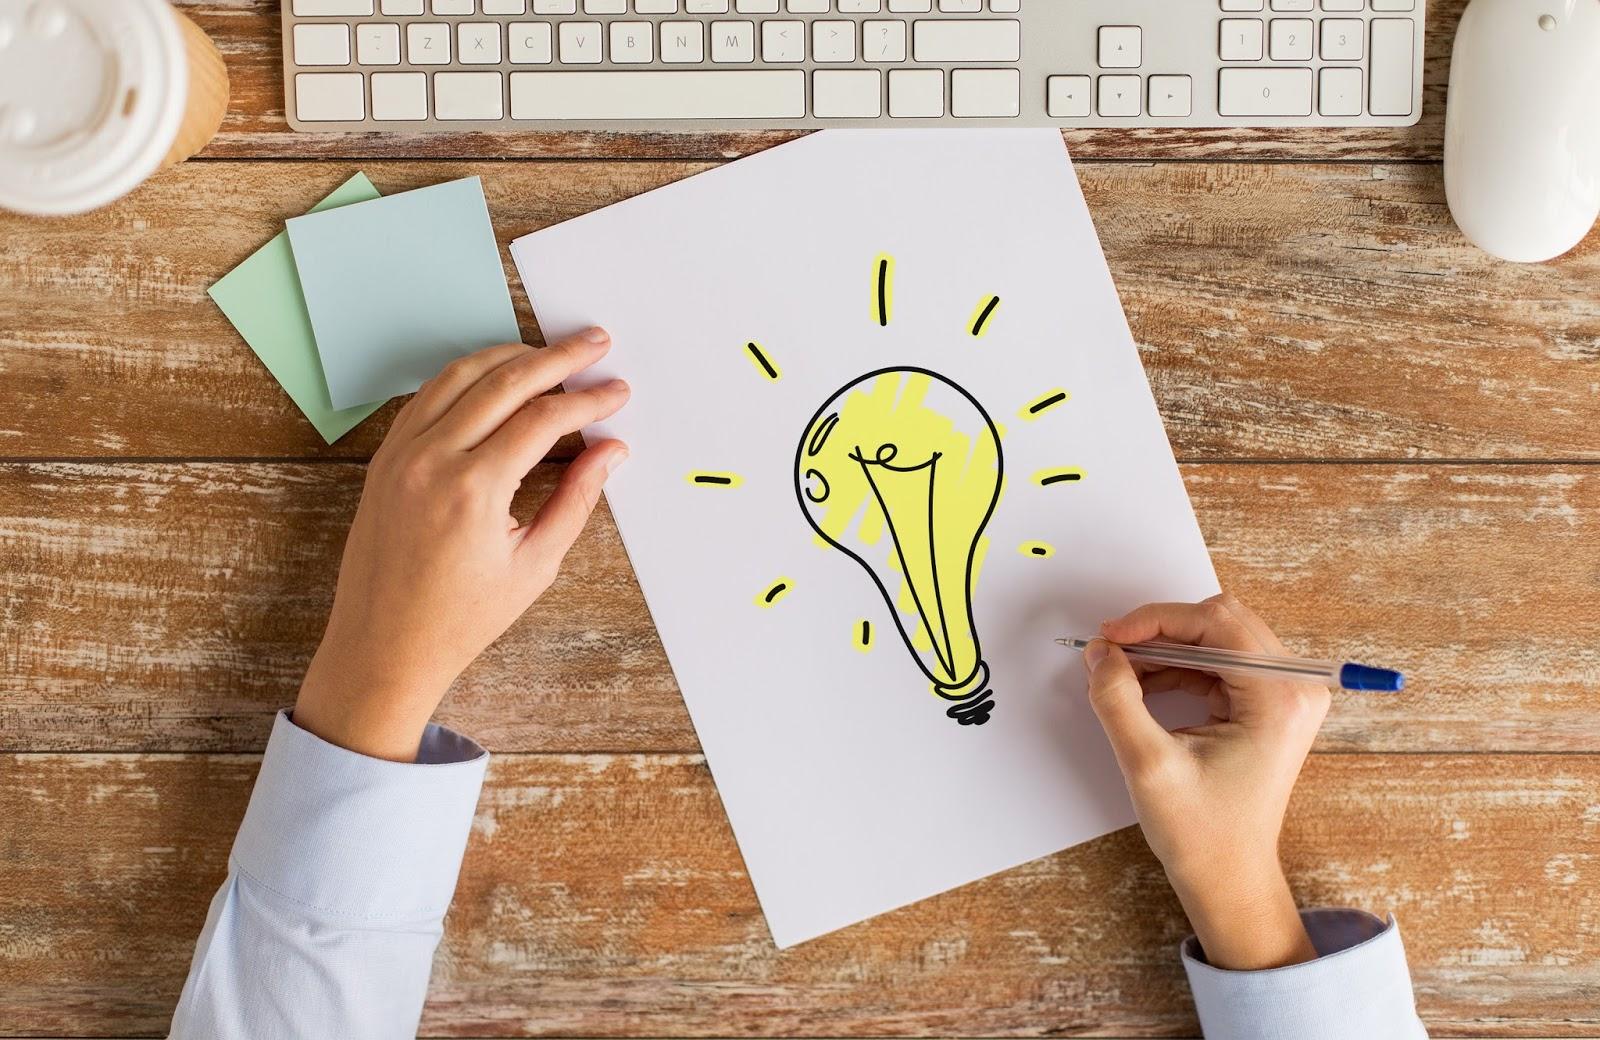 Ejercicio prácticos para generar ideas de negocios